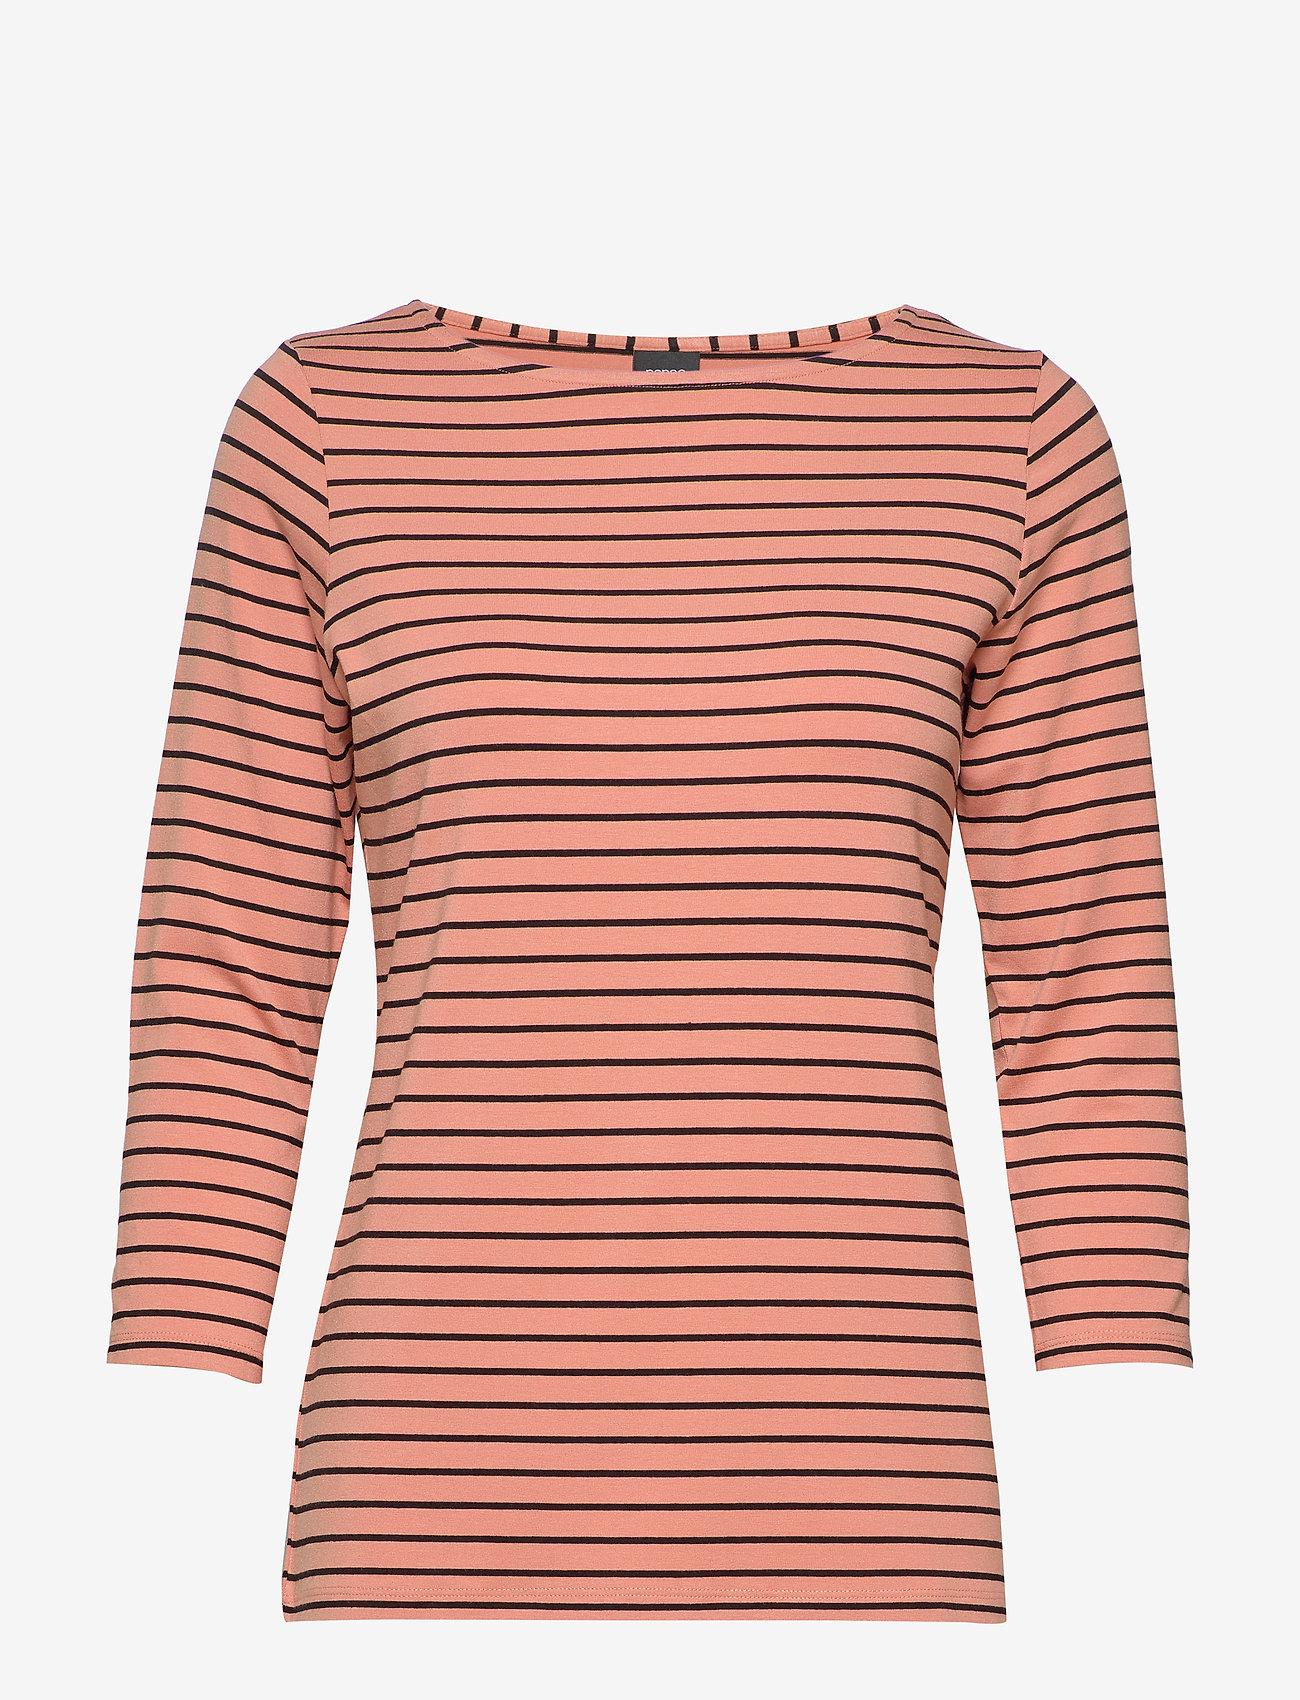 Nanso - Ladies blouse, Viiru - topy z długimi rękawami - orange - 0